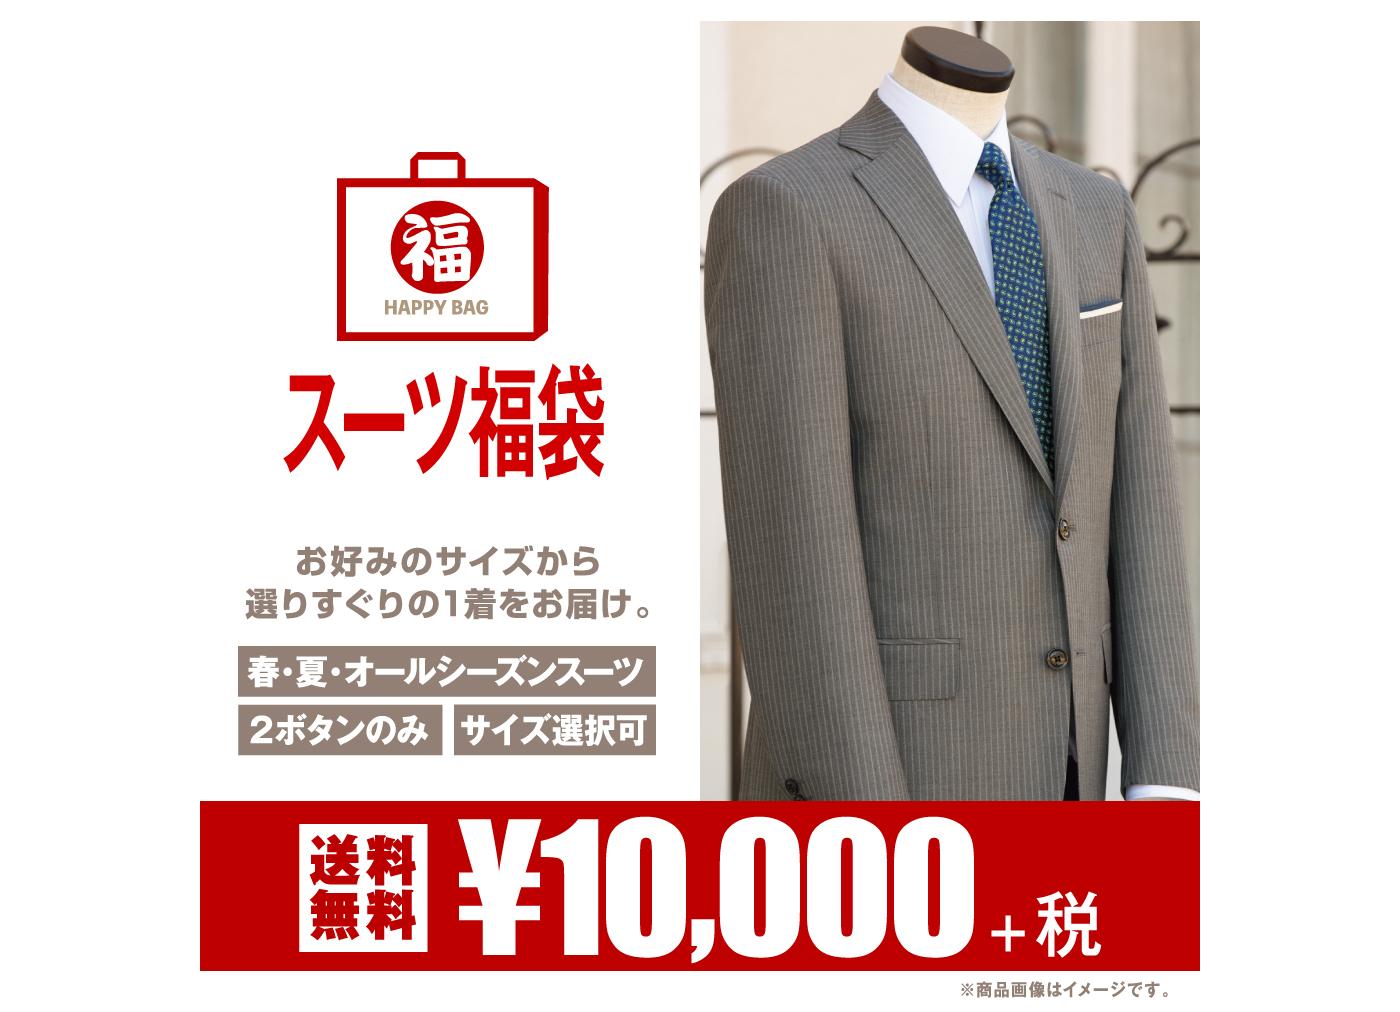 楽天のAOKIでアウトレットスーツが10800円、ポイント半額バックで販売中。